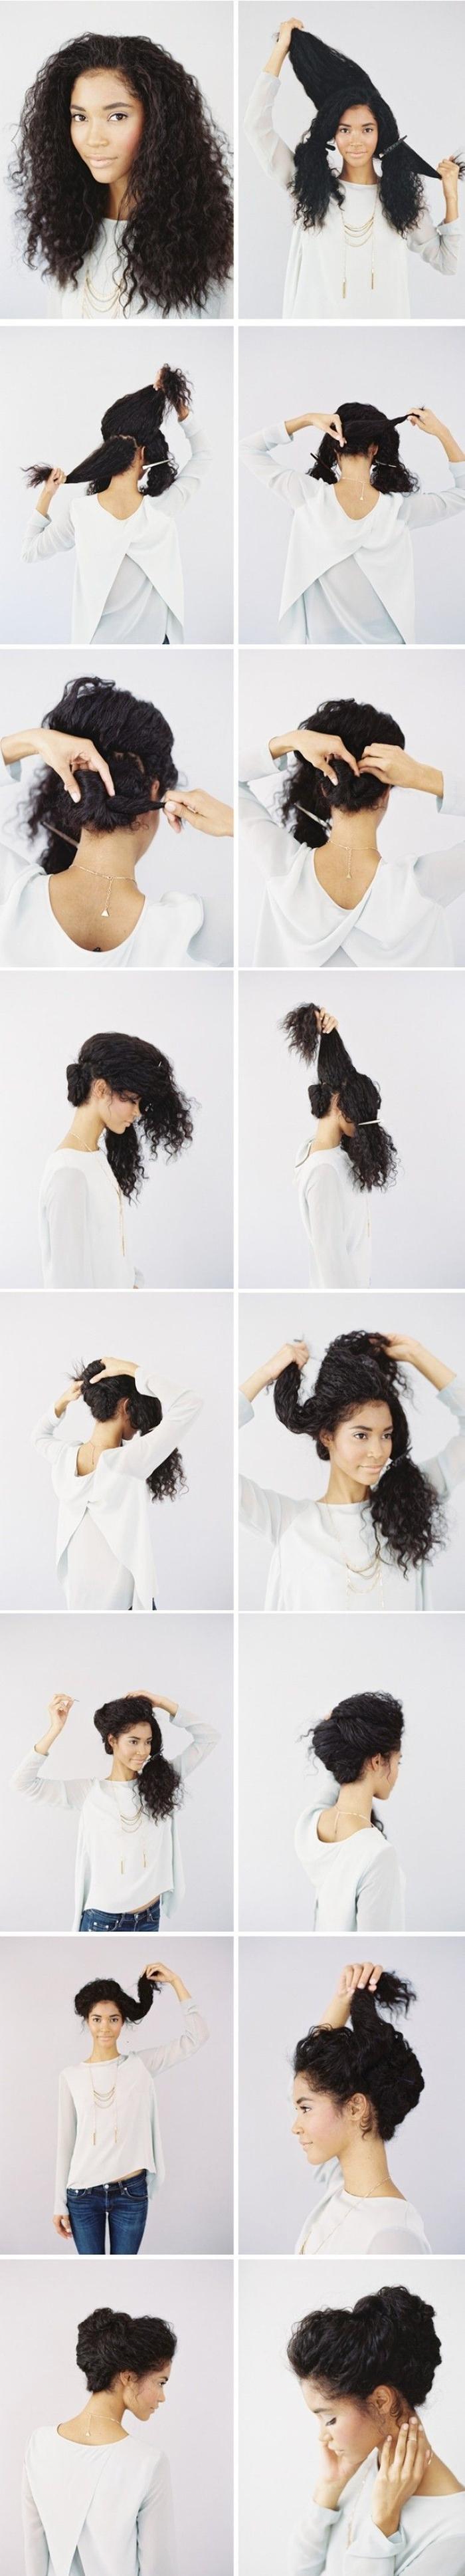 coiffures cheveux longs et naturellement frisées, coiffure de mariée en chignon frisé